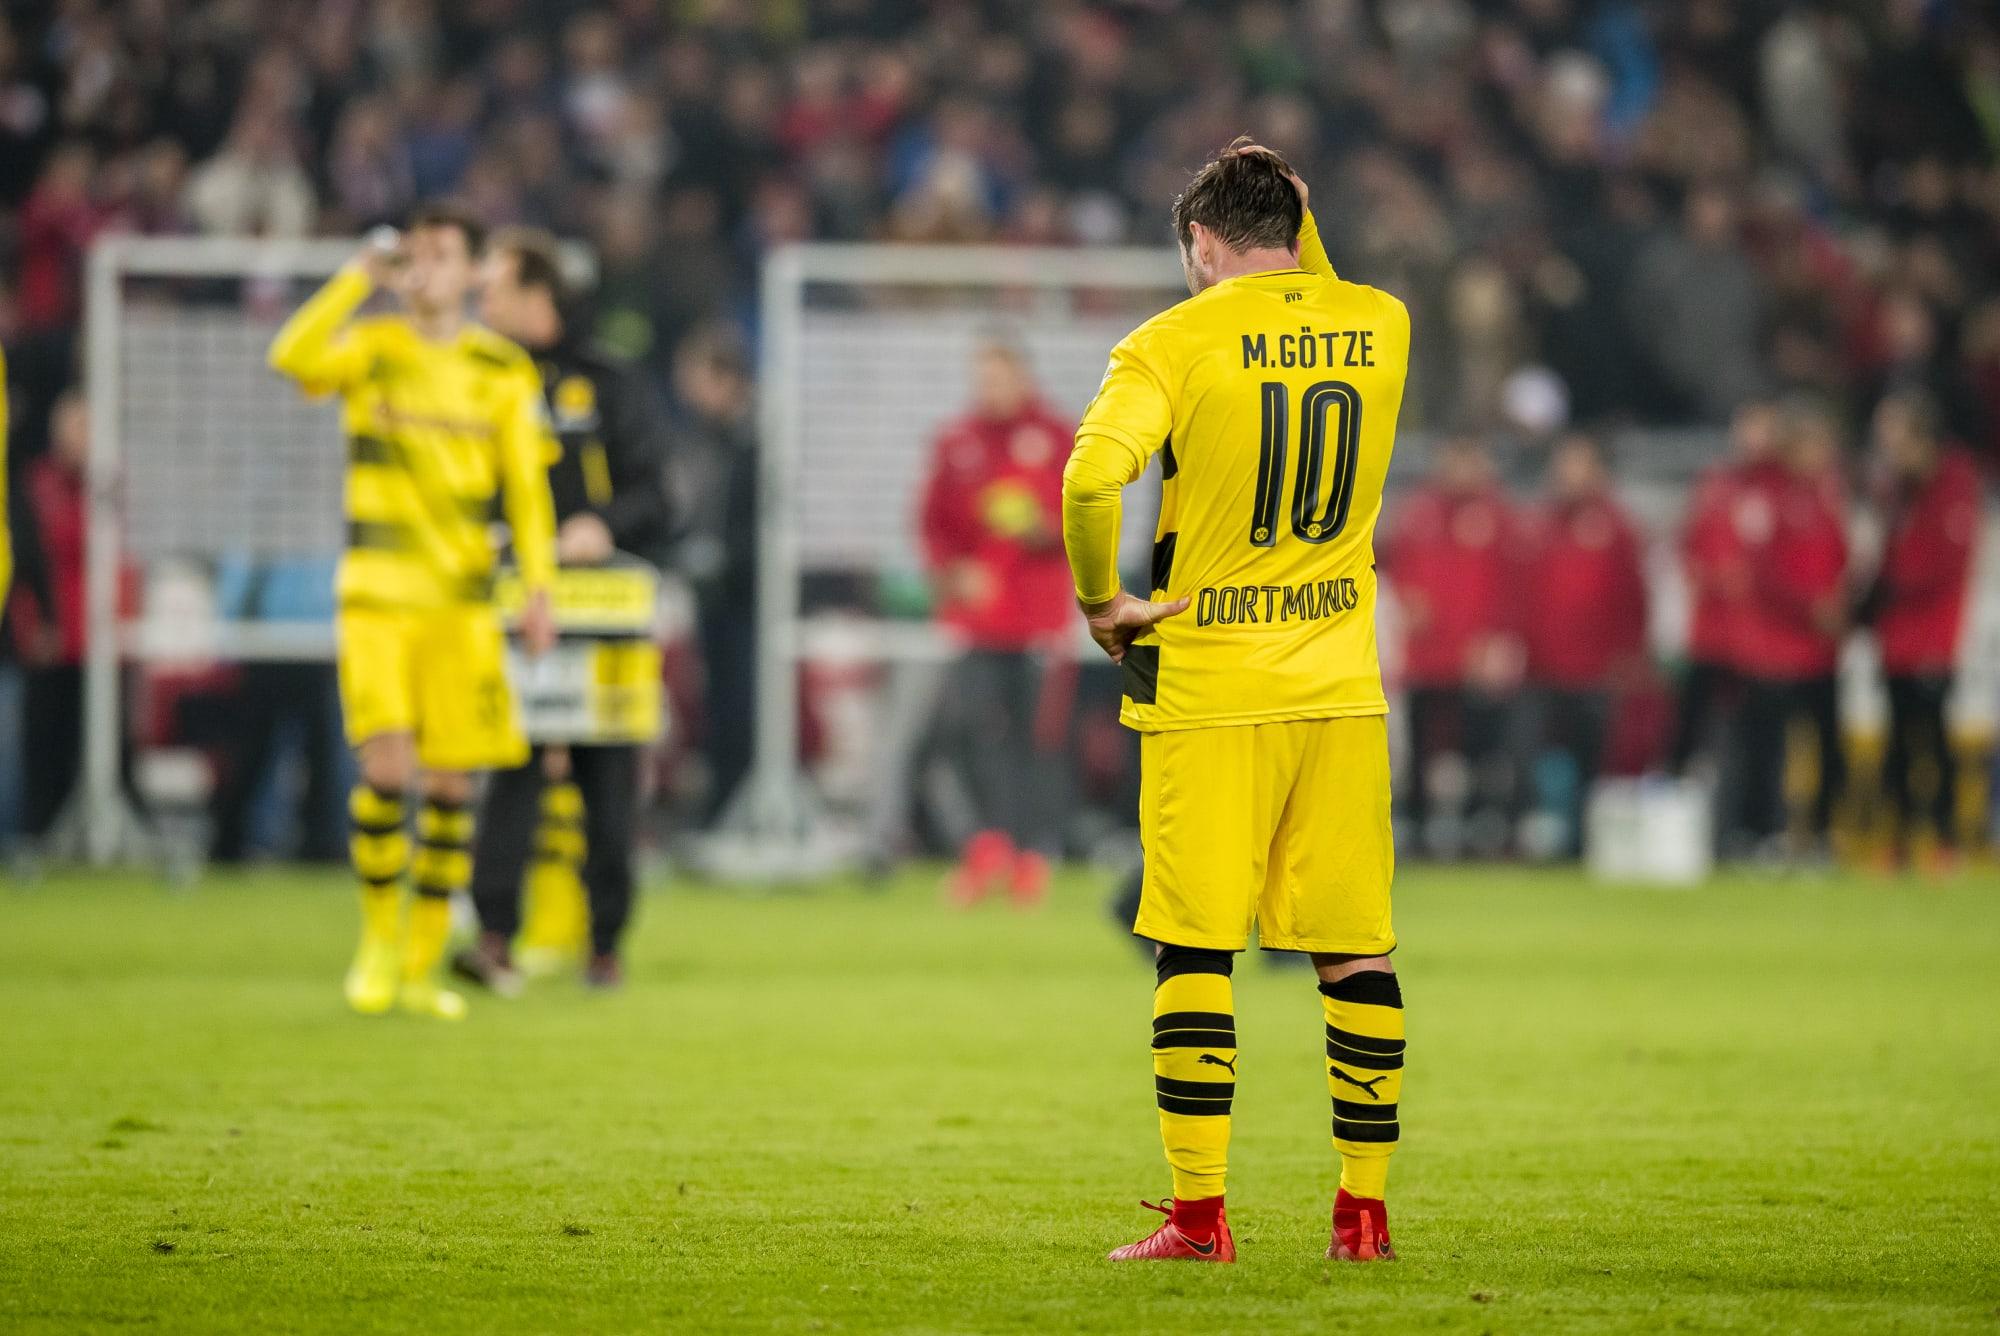 Aktuelle Transfergerüchte Borussia Dortmund